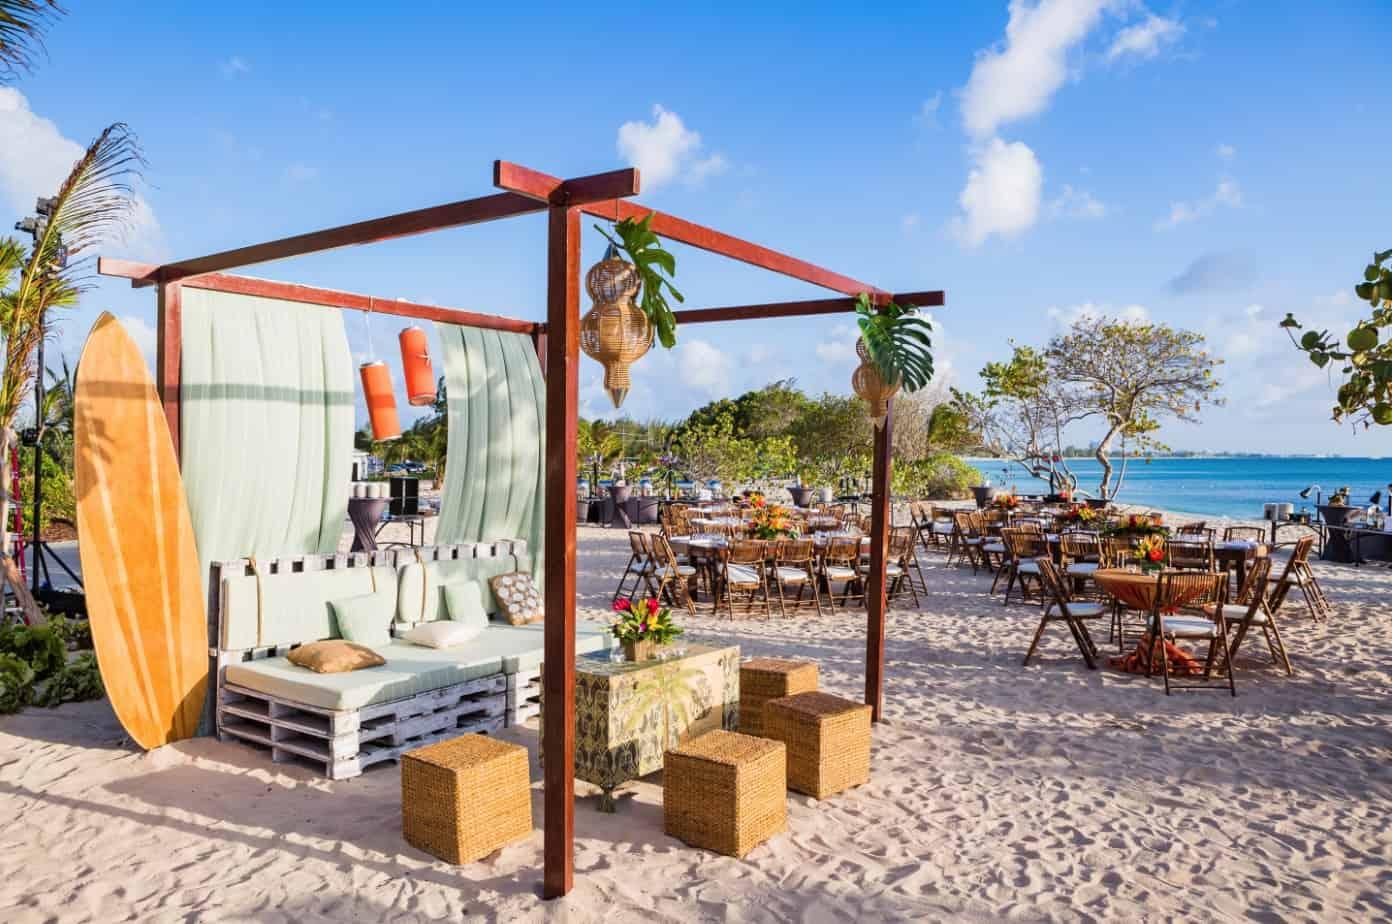 cabana-lounge-area-cayman-islands-beach-reception-corporate-event-by-celebrations-ltd